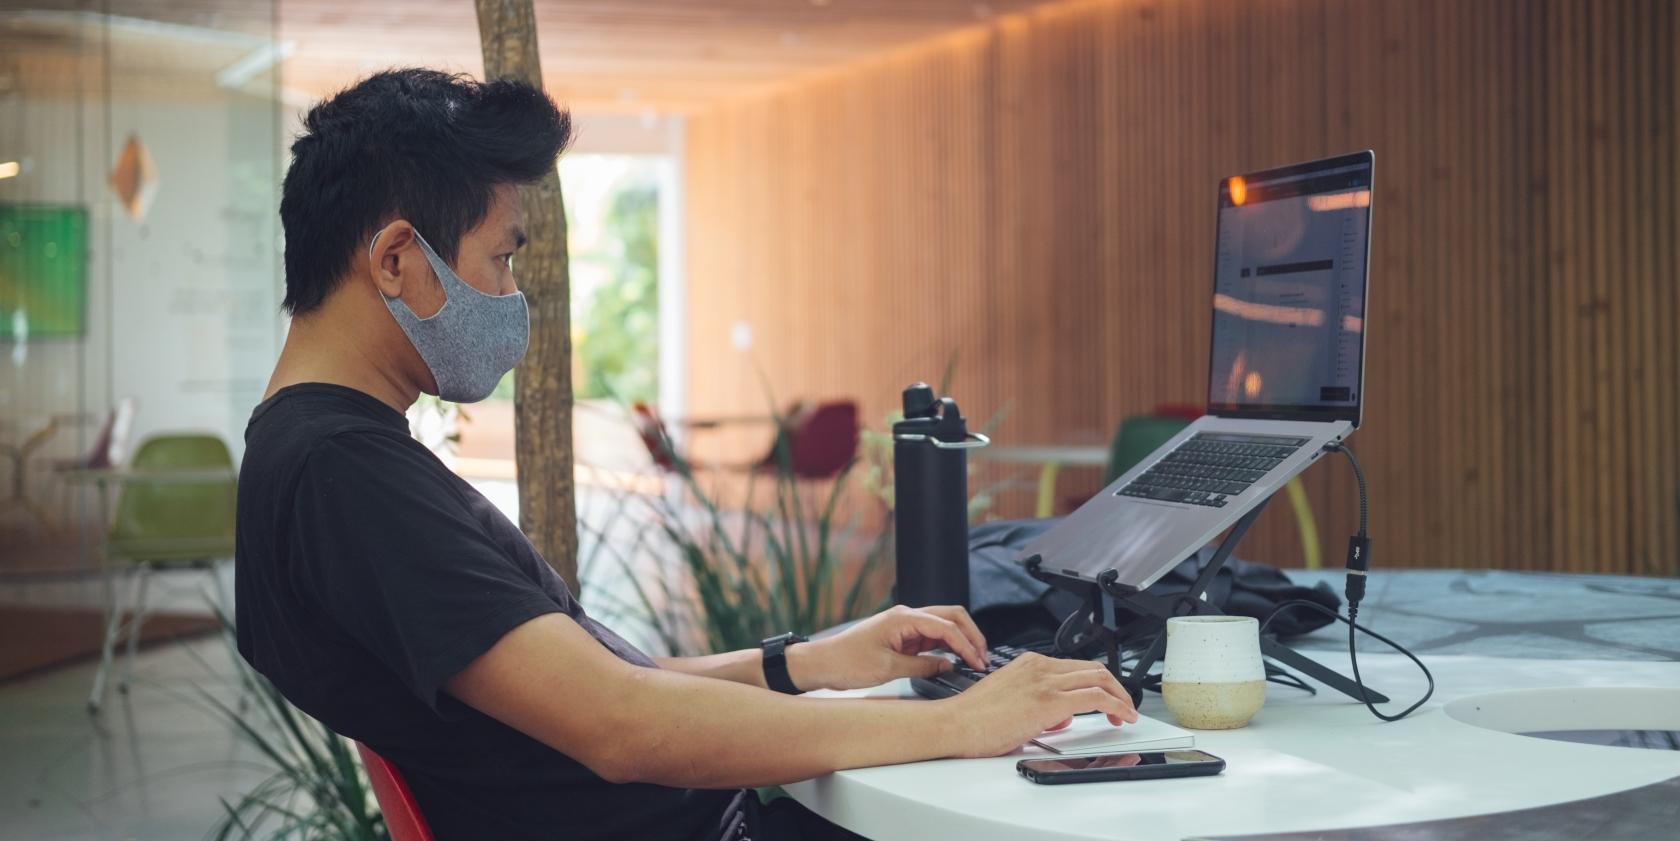 Man wearing mask using a laptop